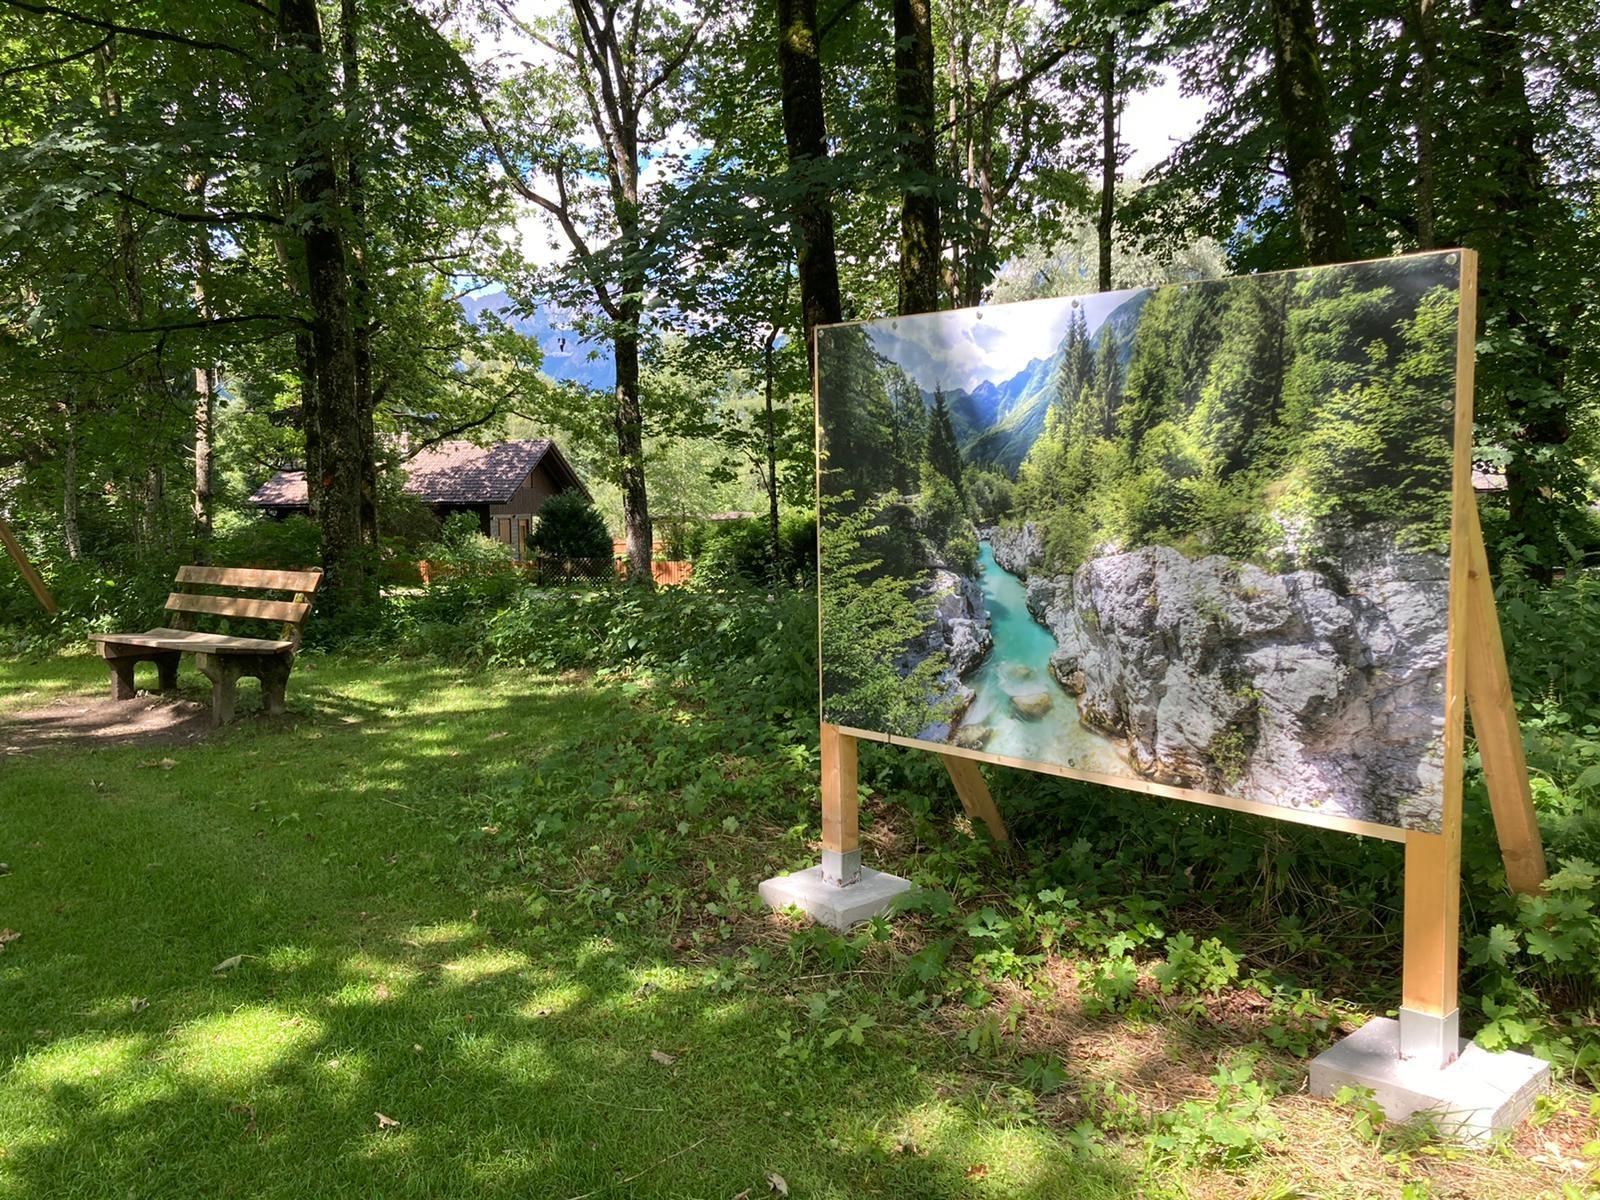 2021_08_03_Fotoausstellung_Admont_Bild7